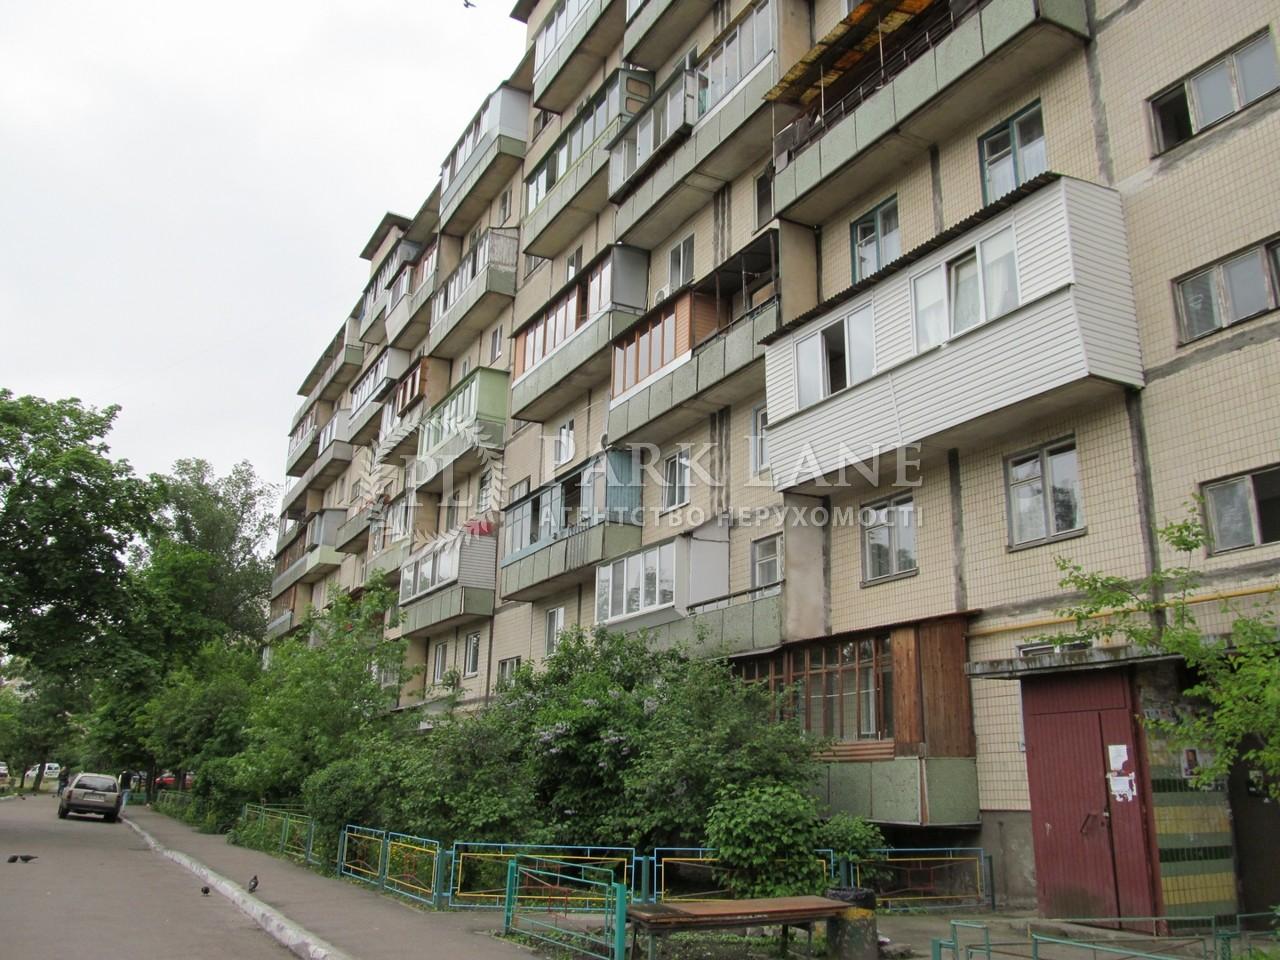 Нежитлове приміщення, вул. Йорданська (Гавро Лайоша), Київ, R-27924 - Фото 1